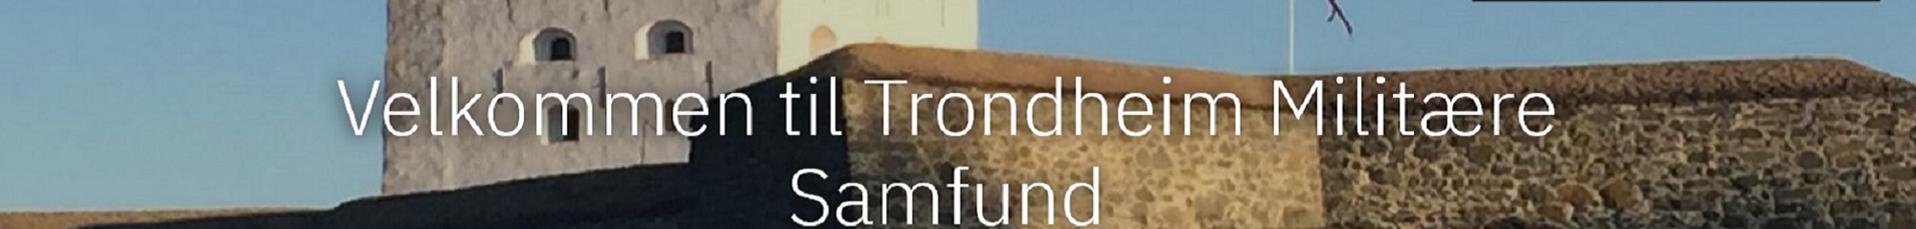 Trondheim Militære Samfund header 2000.png